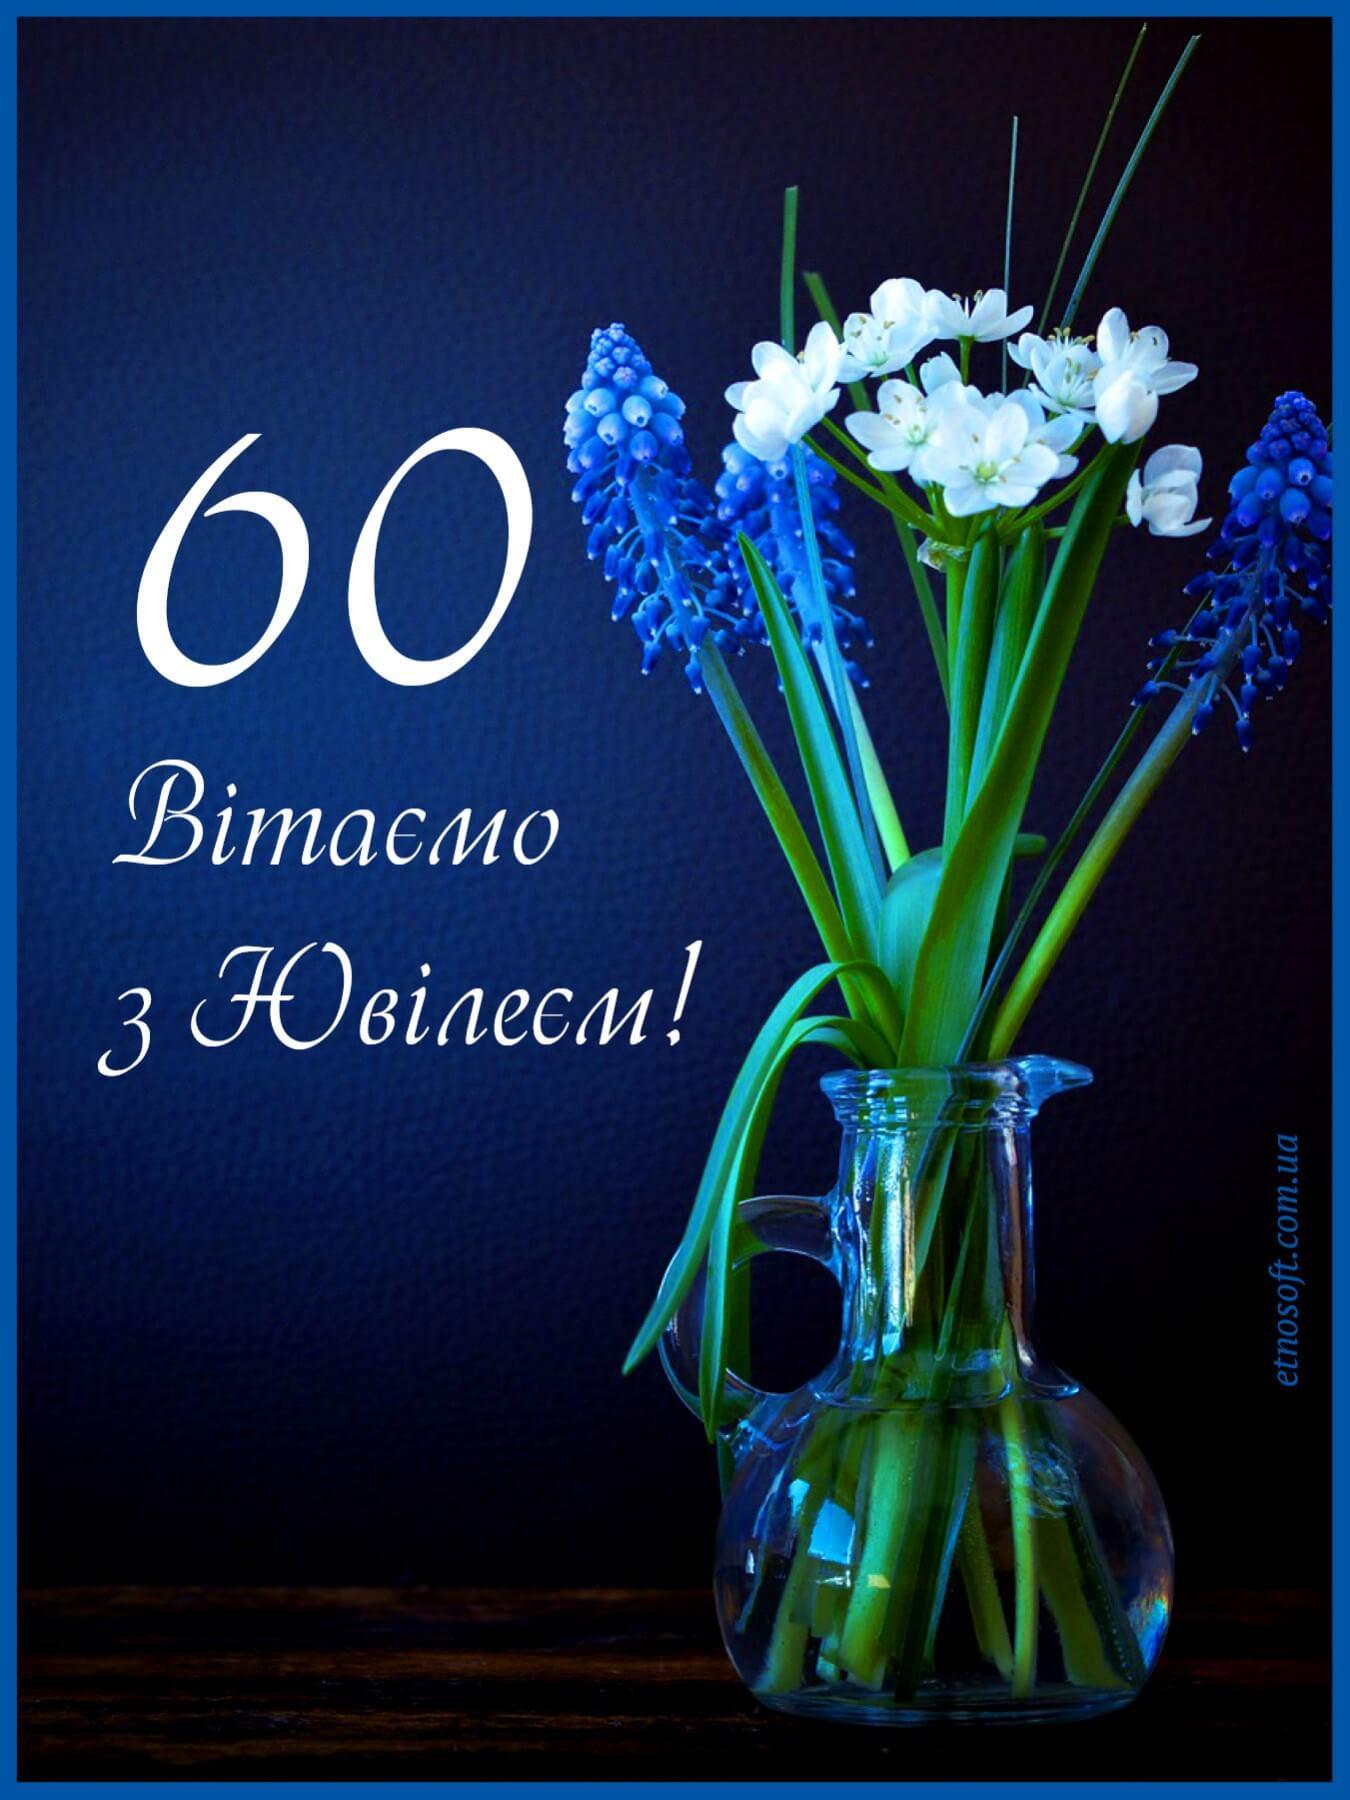 Гарна картинка-привітання до Ювілею на 60 років - оригінальне привітання з Днем народження та 60 річчям